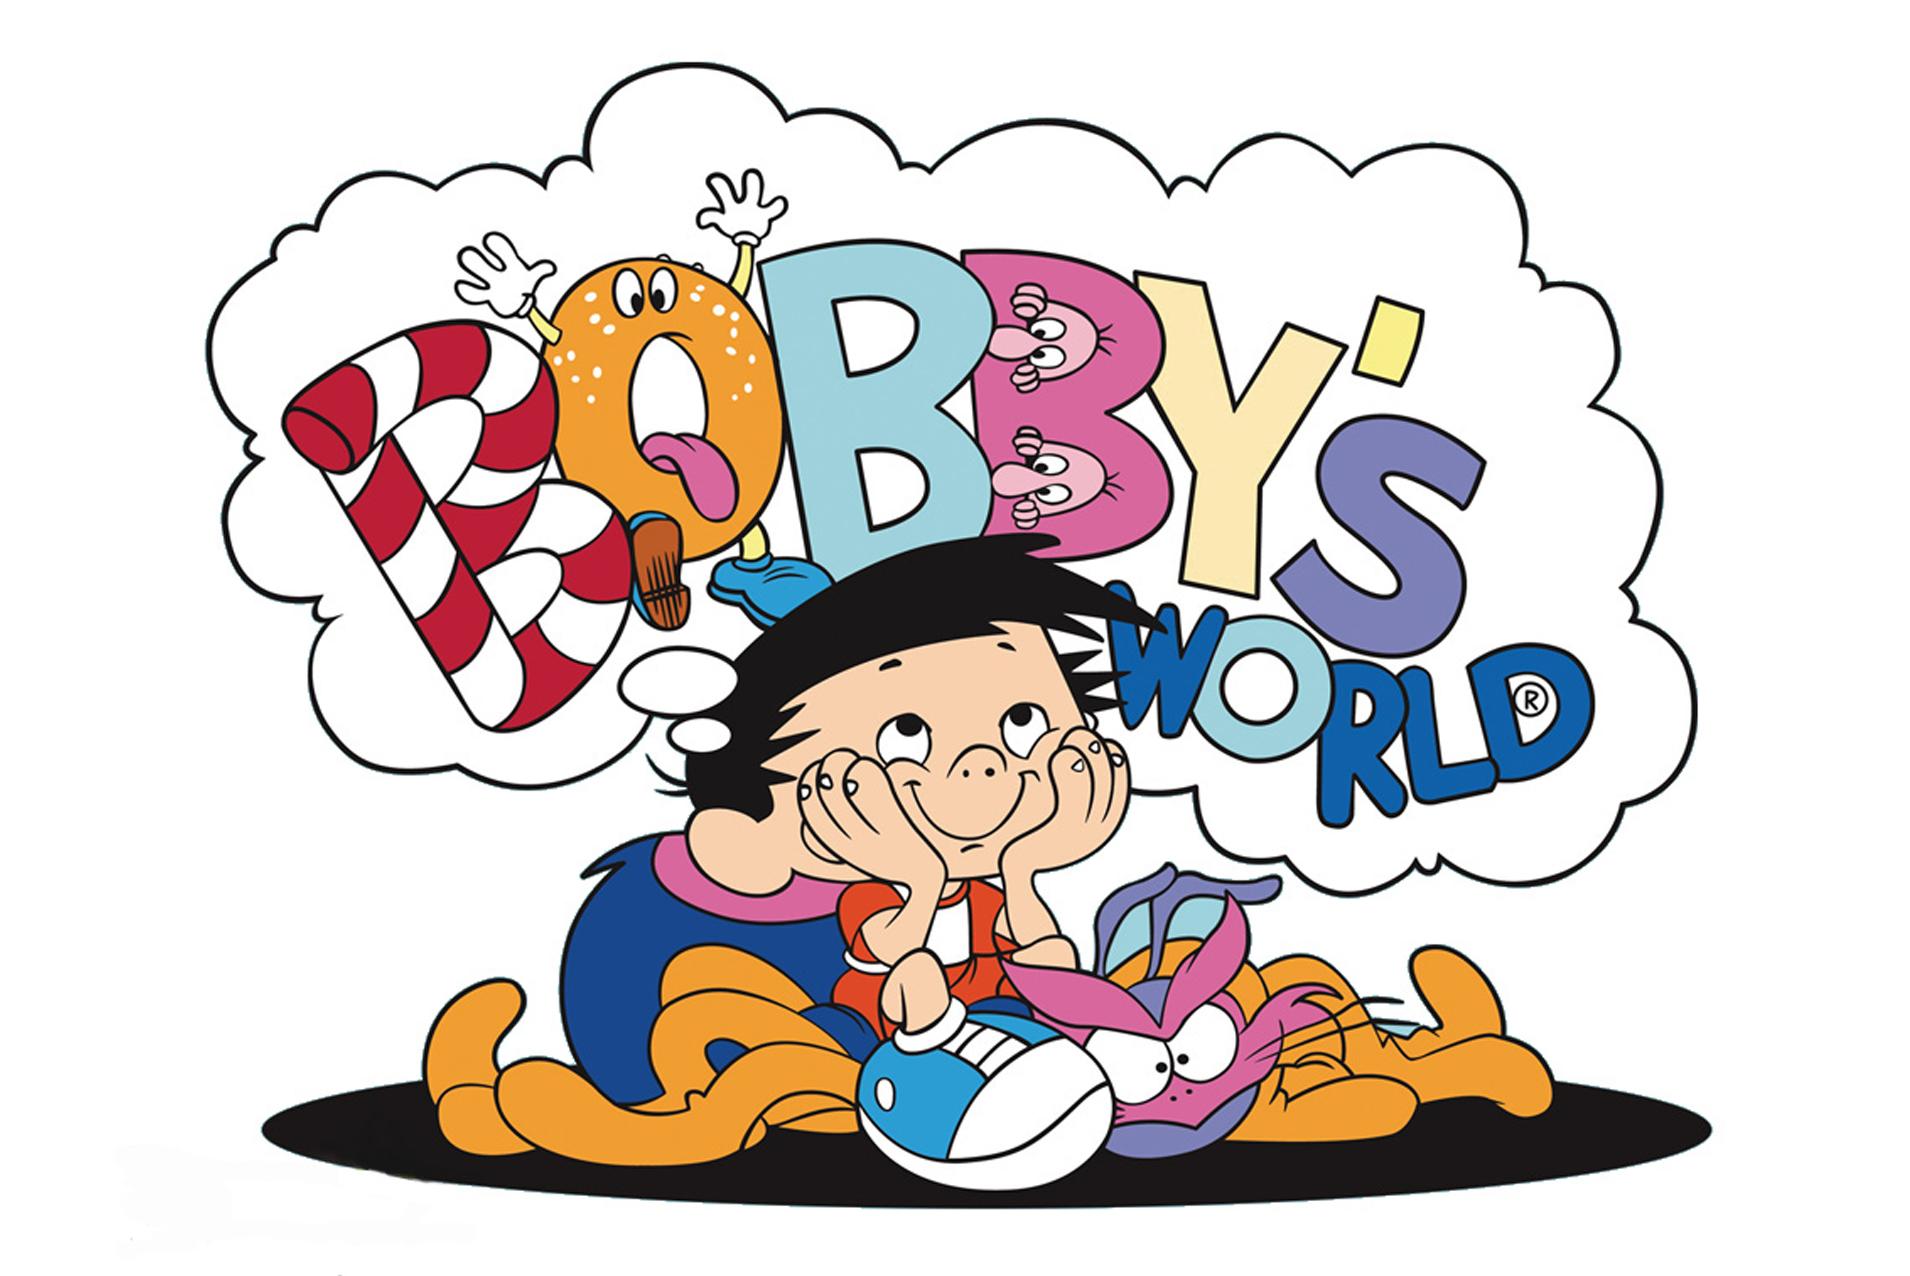 bobby-website.jpg